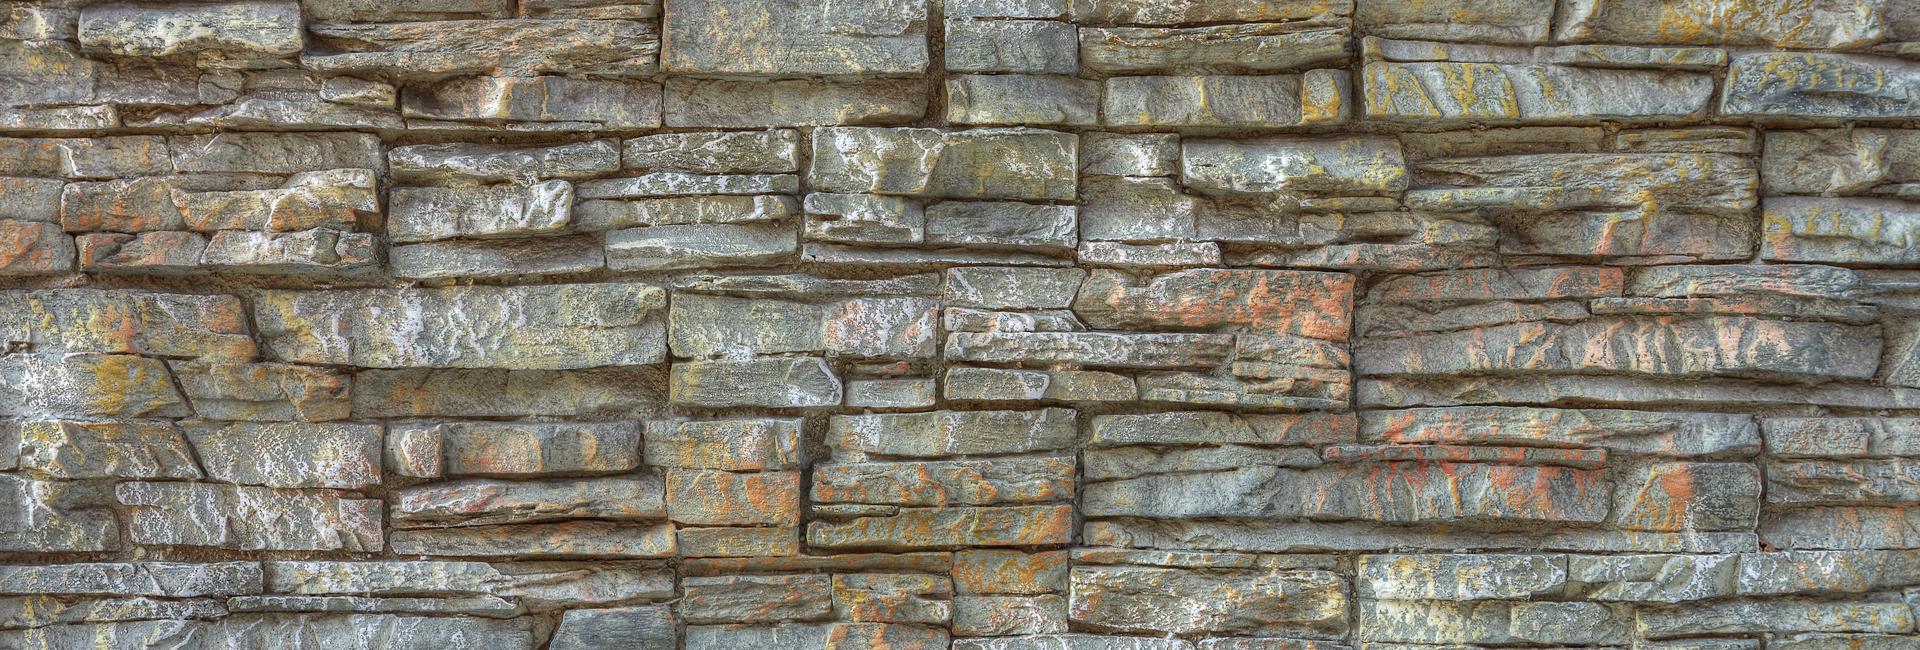 Mur en pierre jardin jardi paysages lausanne for Mur en pierre jardin